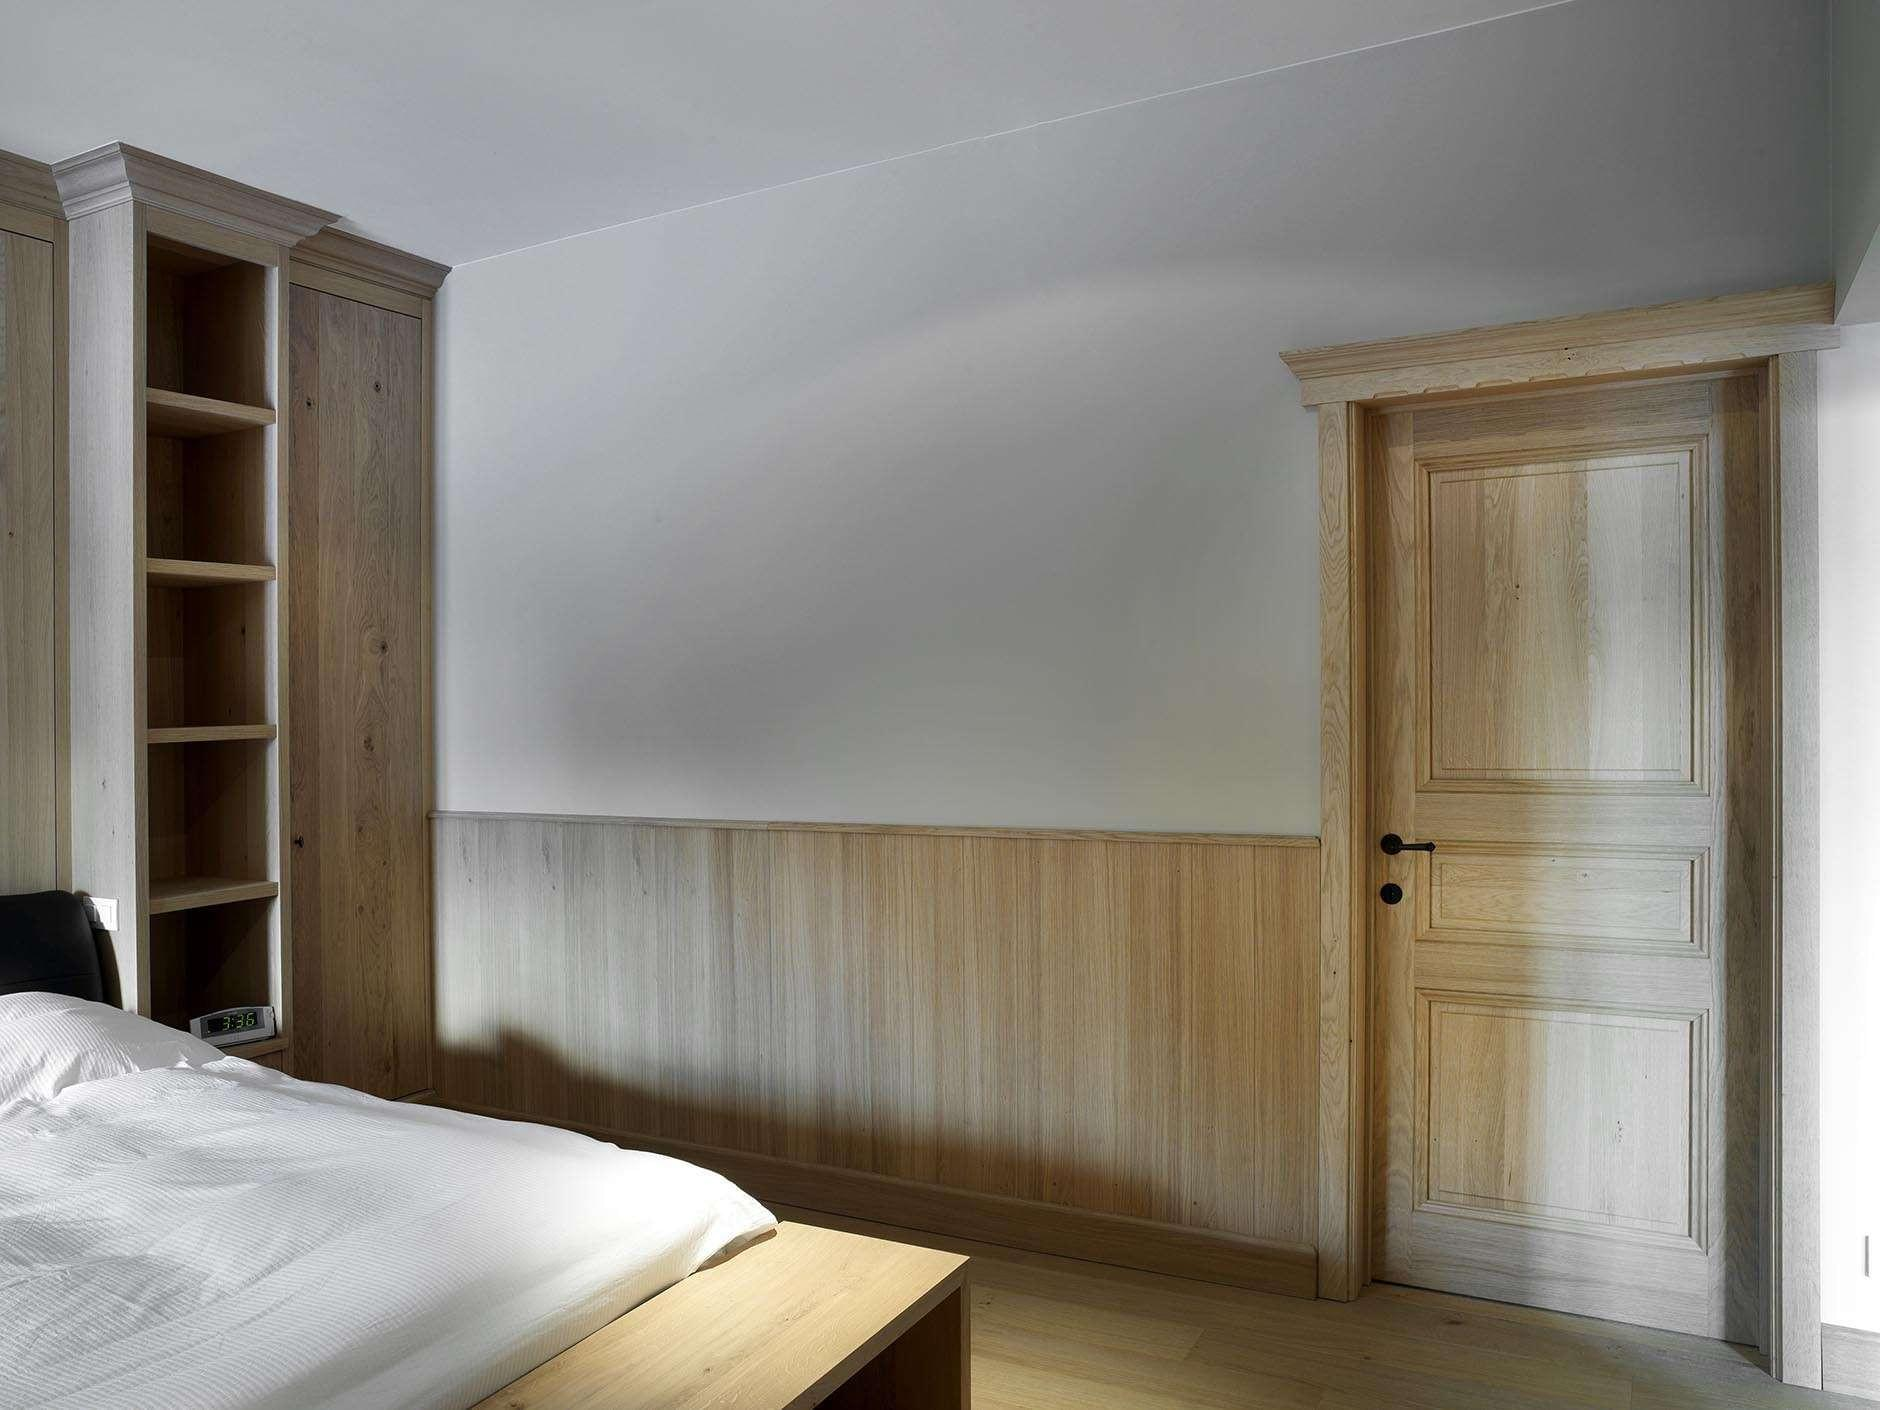 slaapkamerdeur-massief-eik